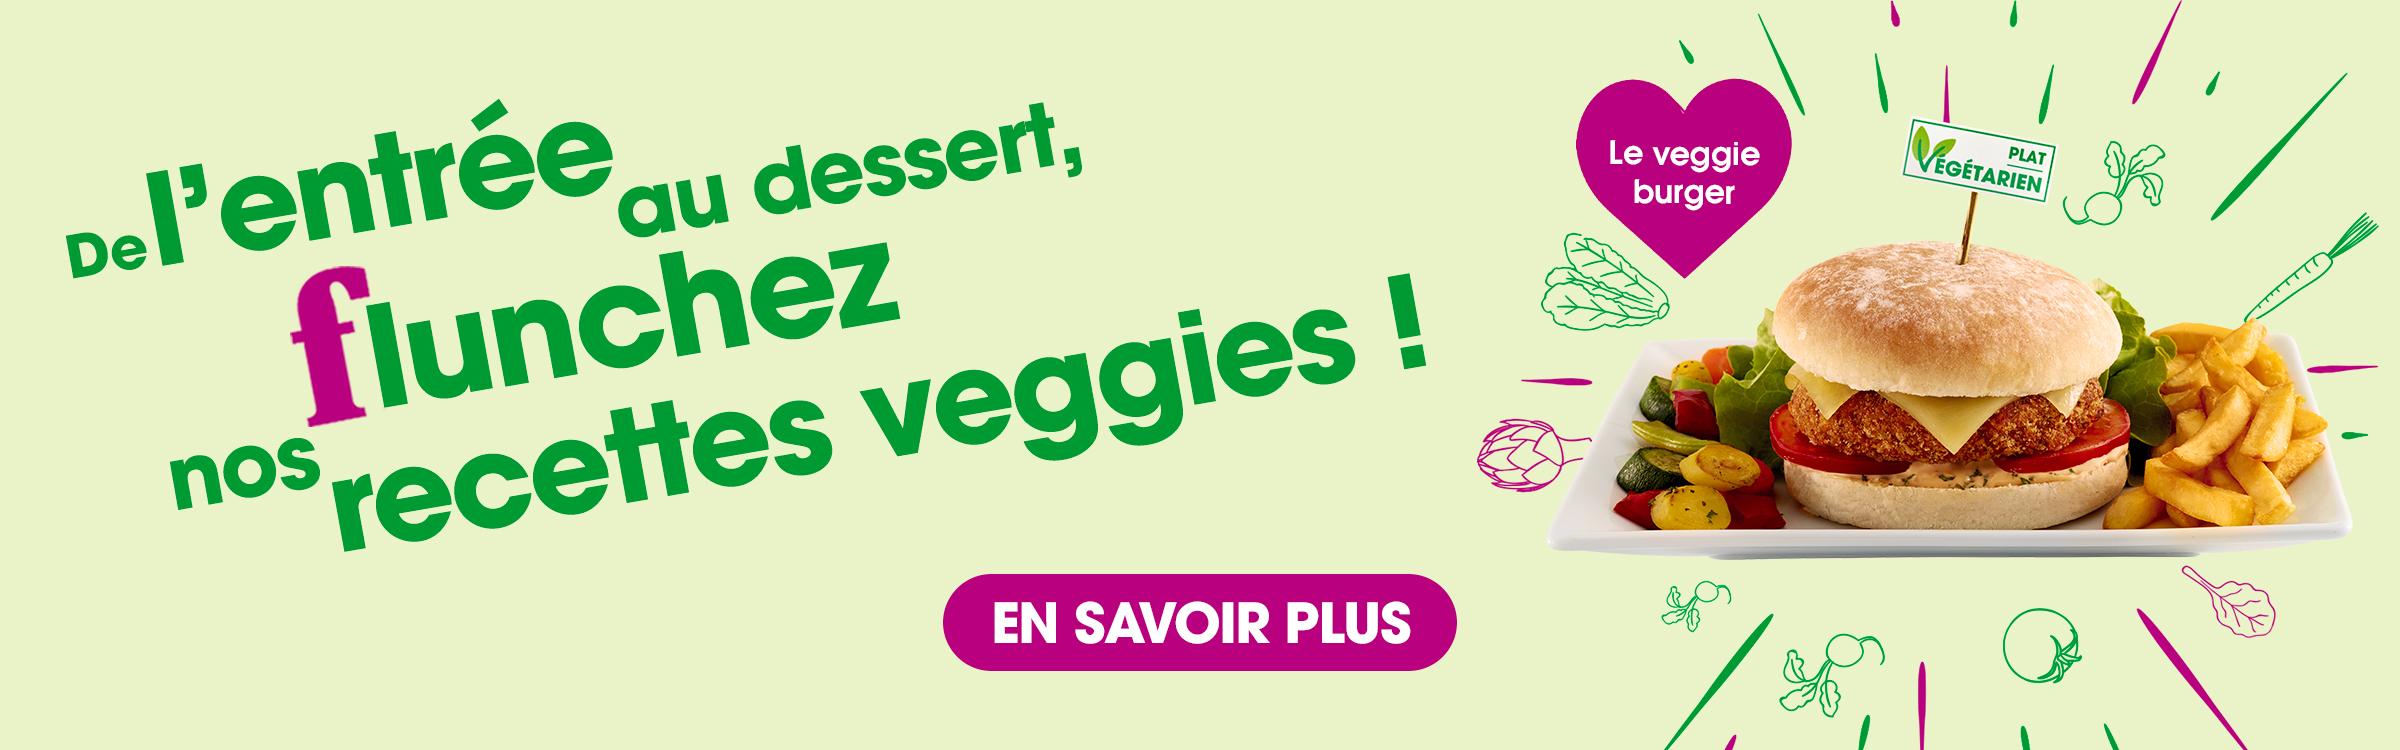 manger végétarien flunch